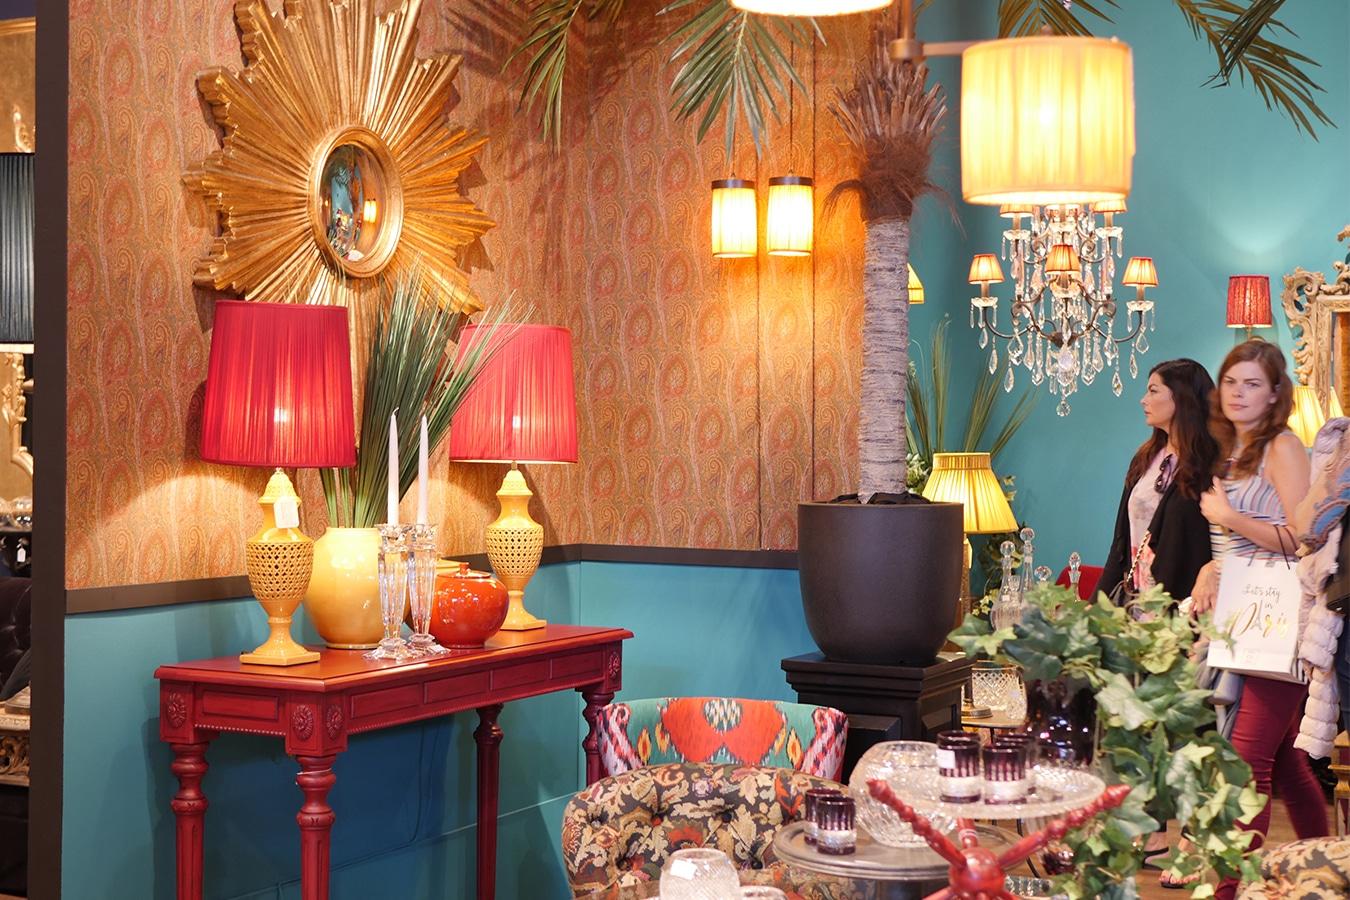 Salon de décoration 2019 : Dates à ne pas louper